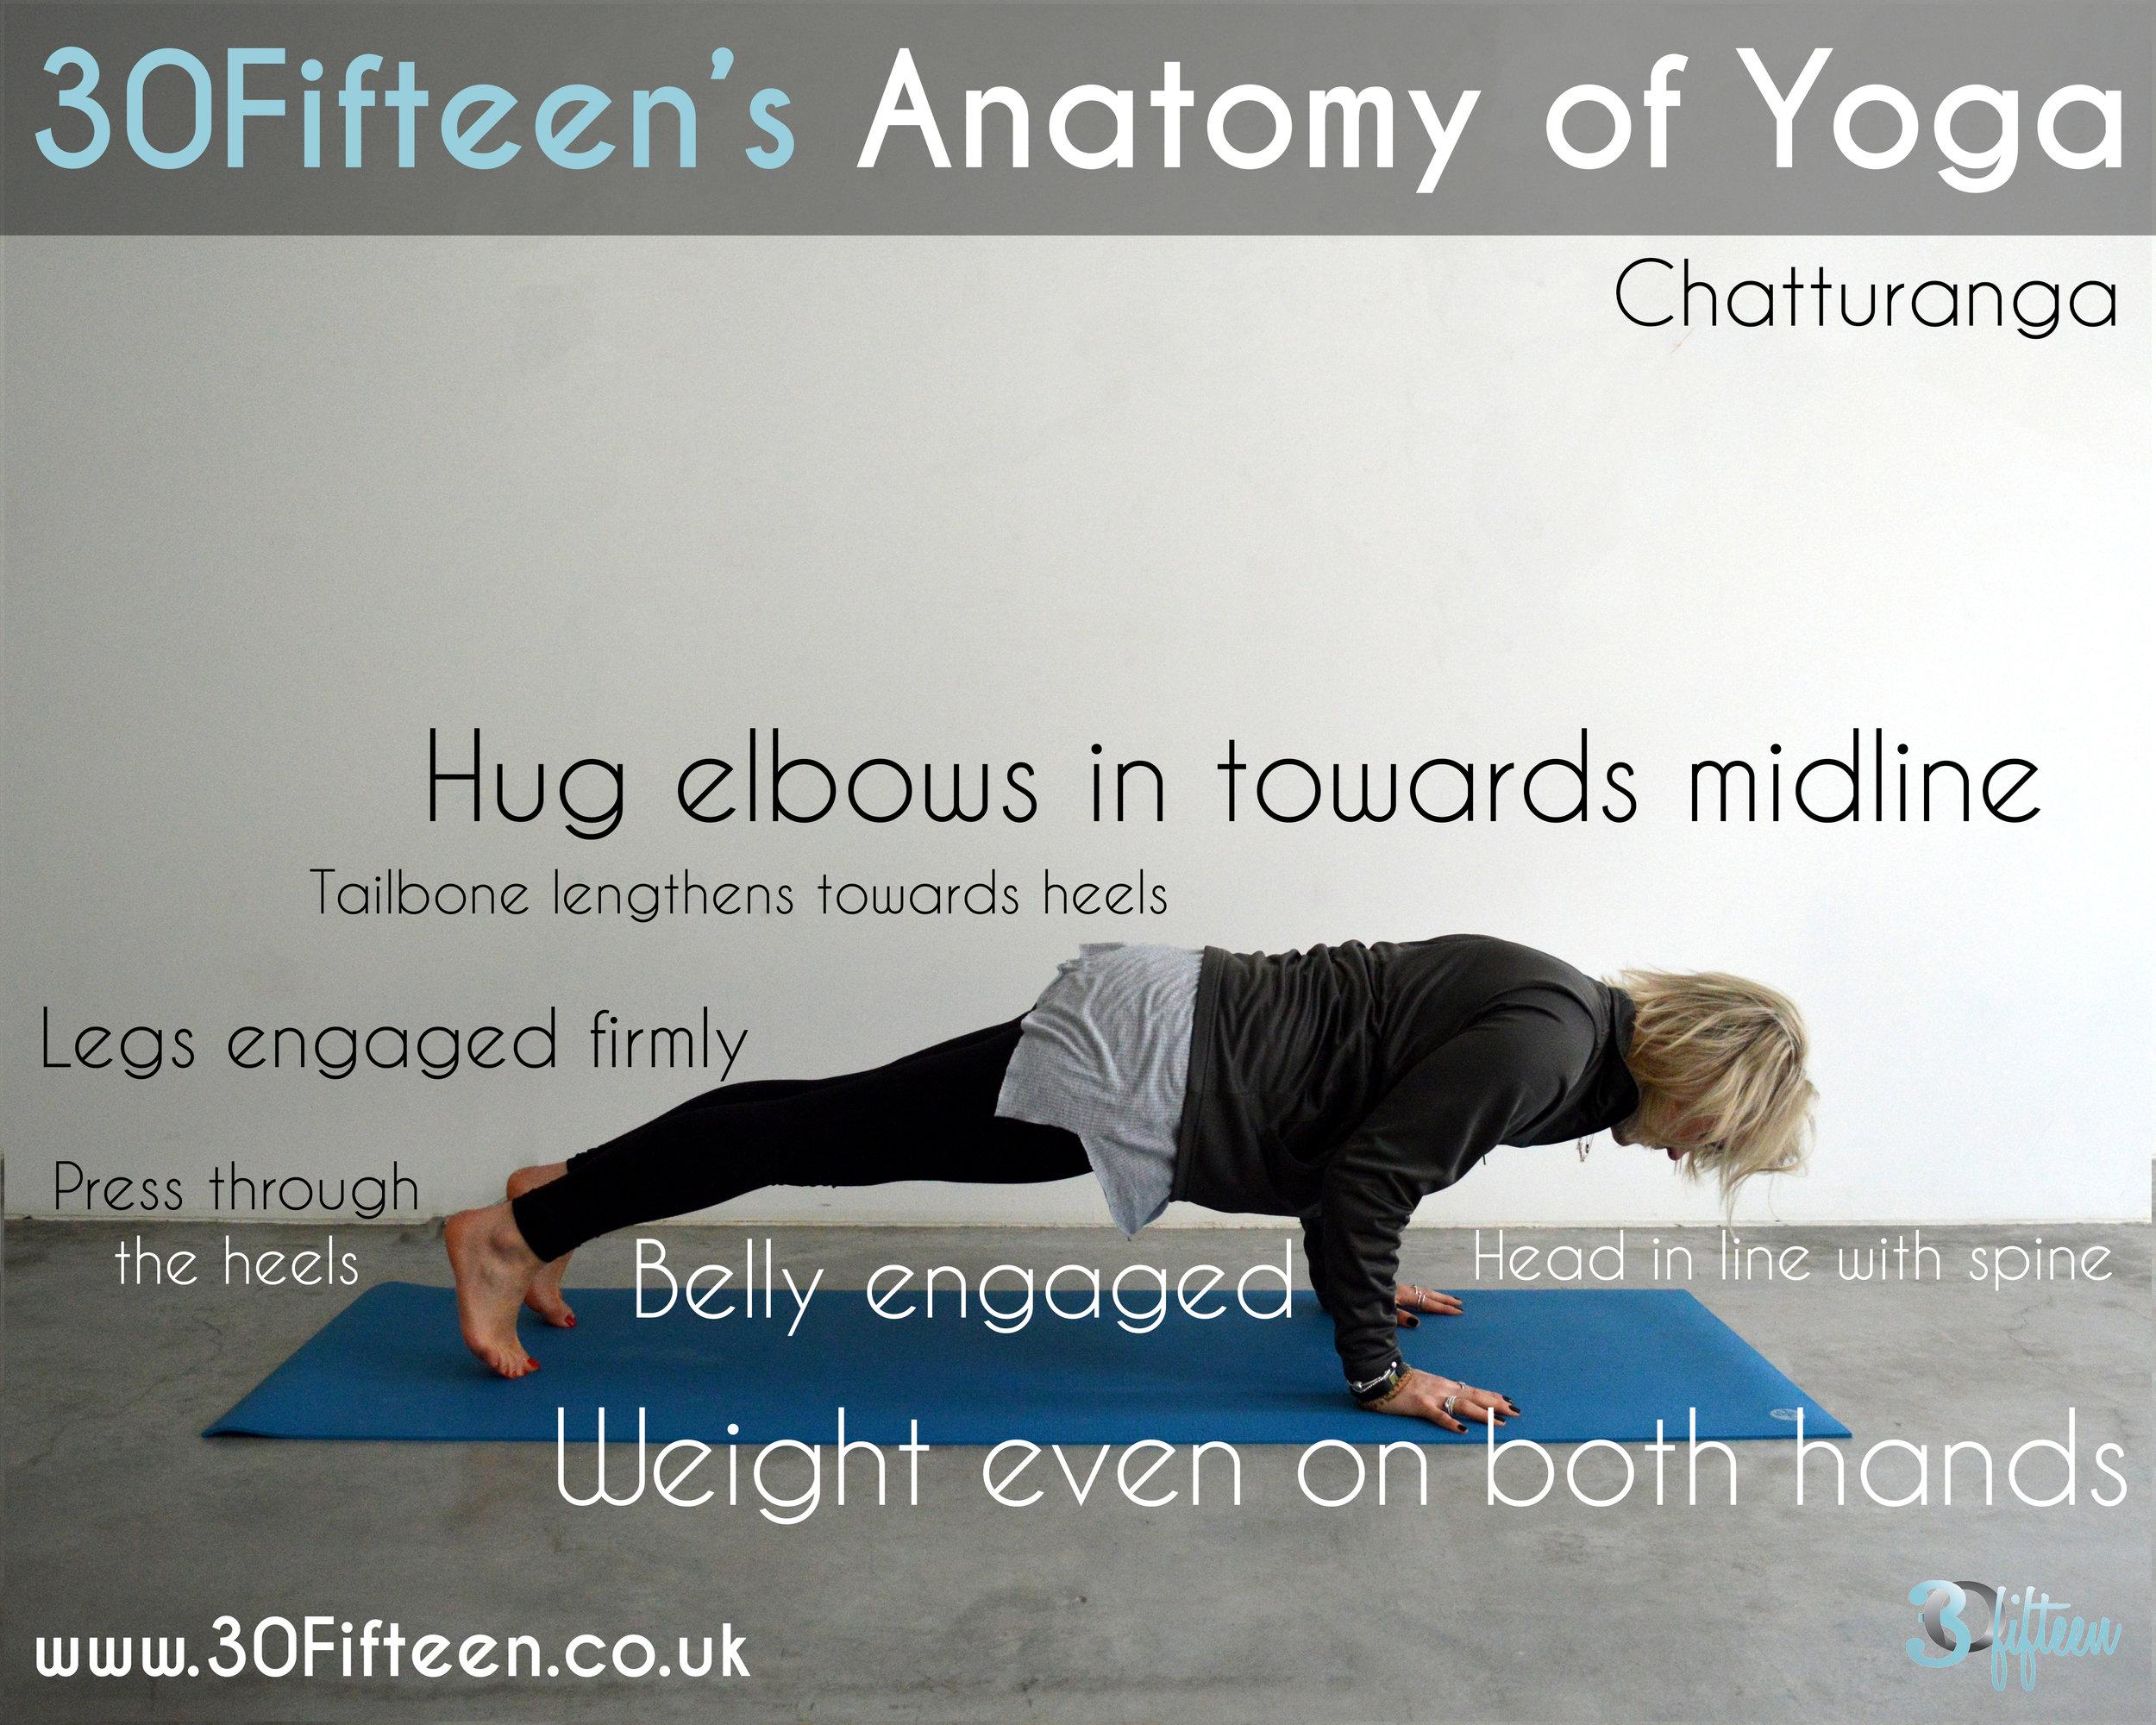 30Fifteen Anatomy of Yoga: Chatturanga